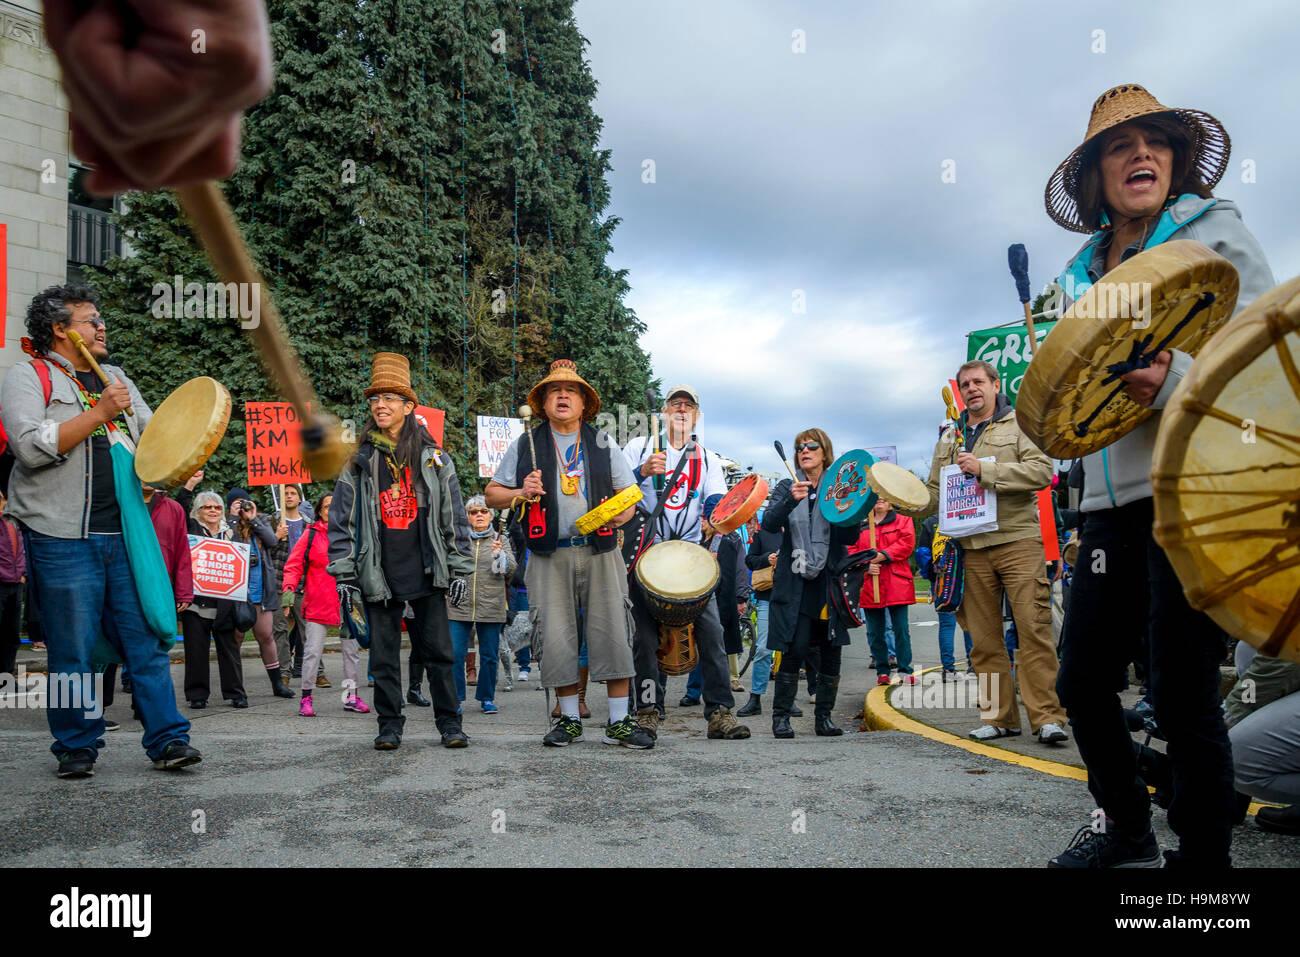 Anti Kinder Morgan Pipeline Protesta Ayuntamiento de Vancouver, Vancouver, British Columbia, Canadá. Imagen De Stock